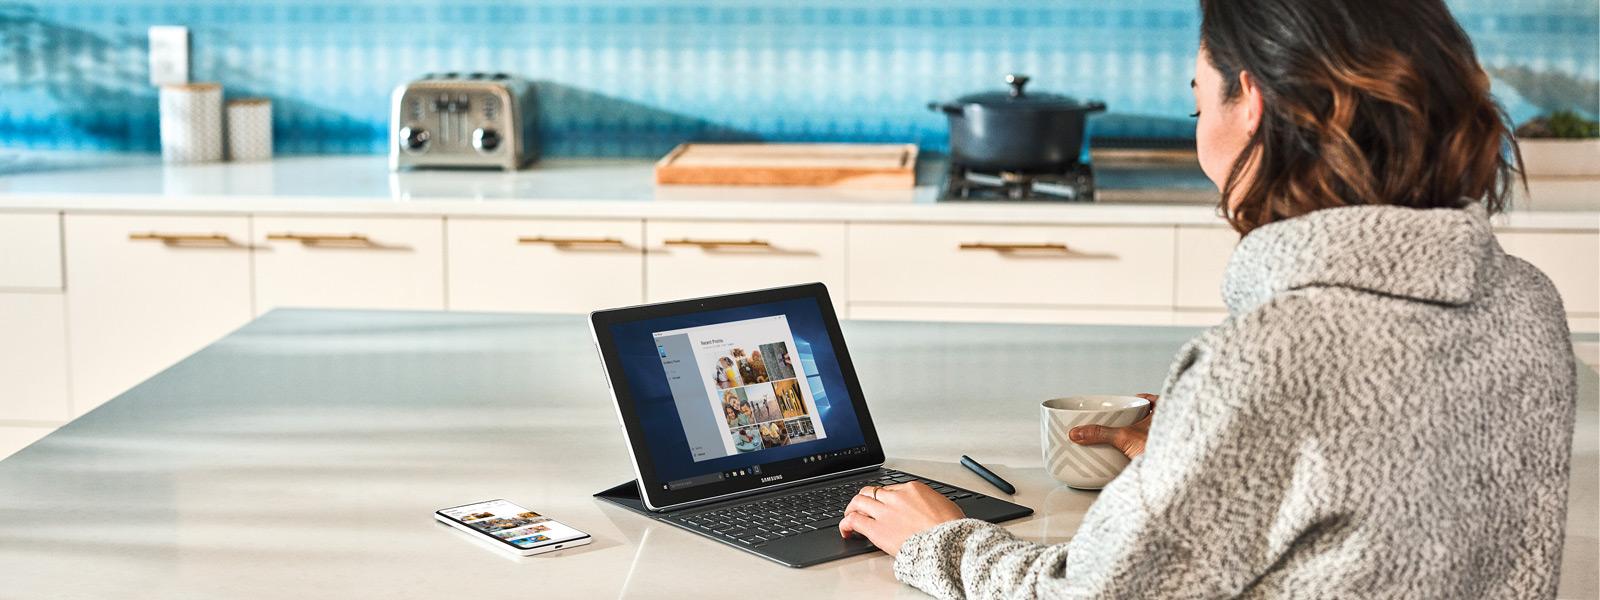 Femeie așezată la masa din bucătărie, folosind un laptop Windows 10 și telefonul mobil.